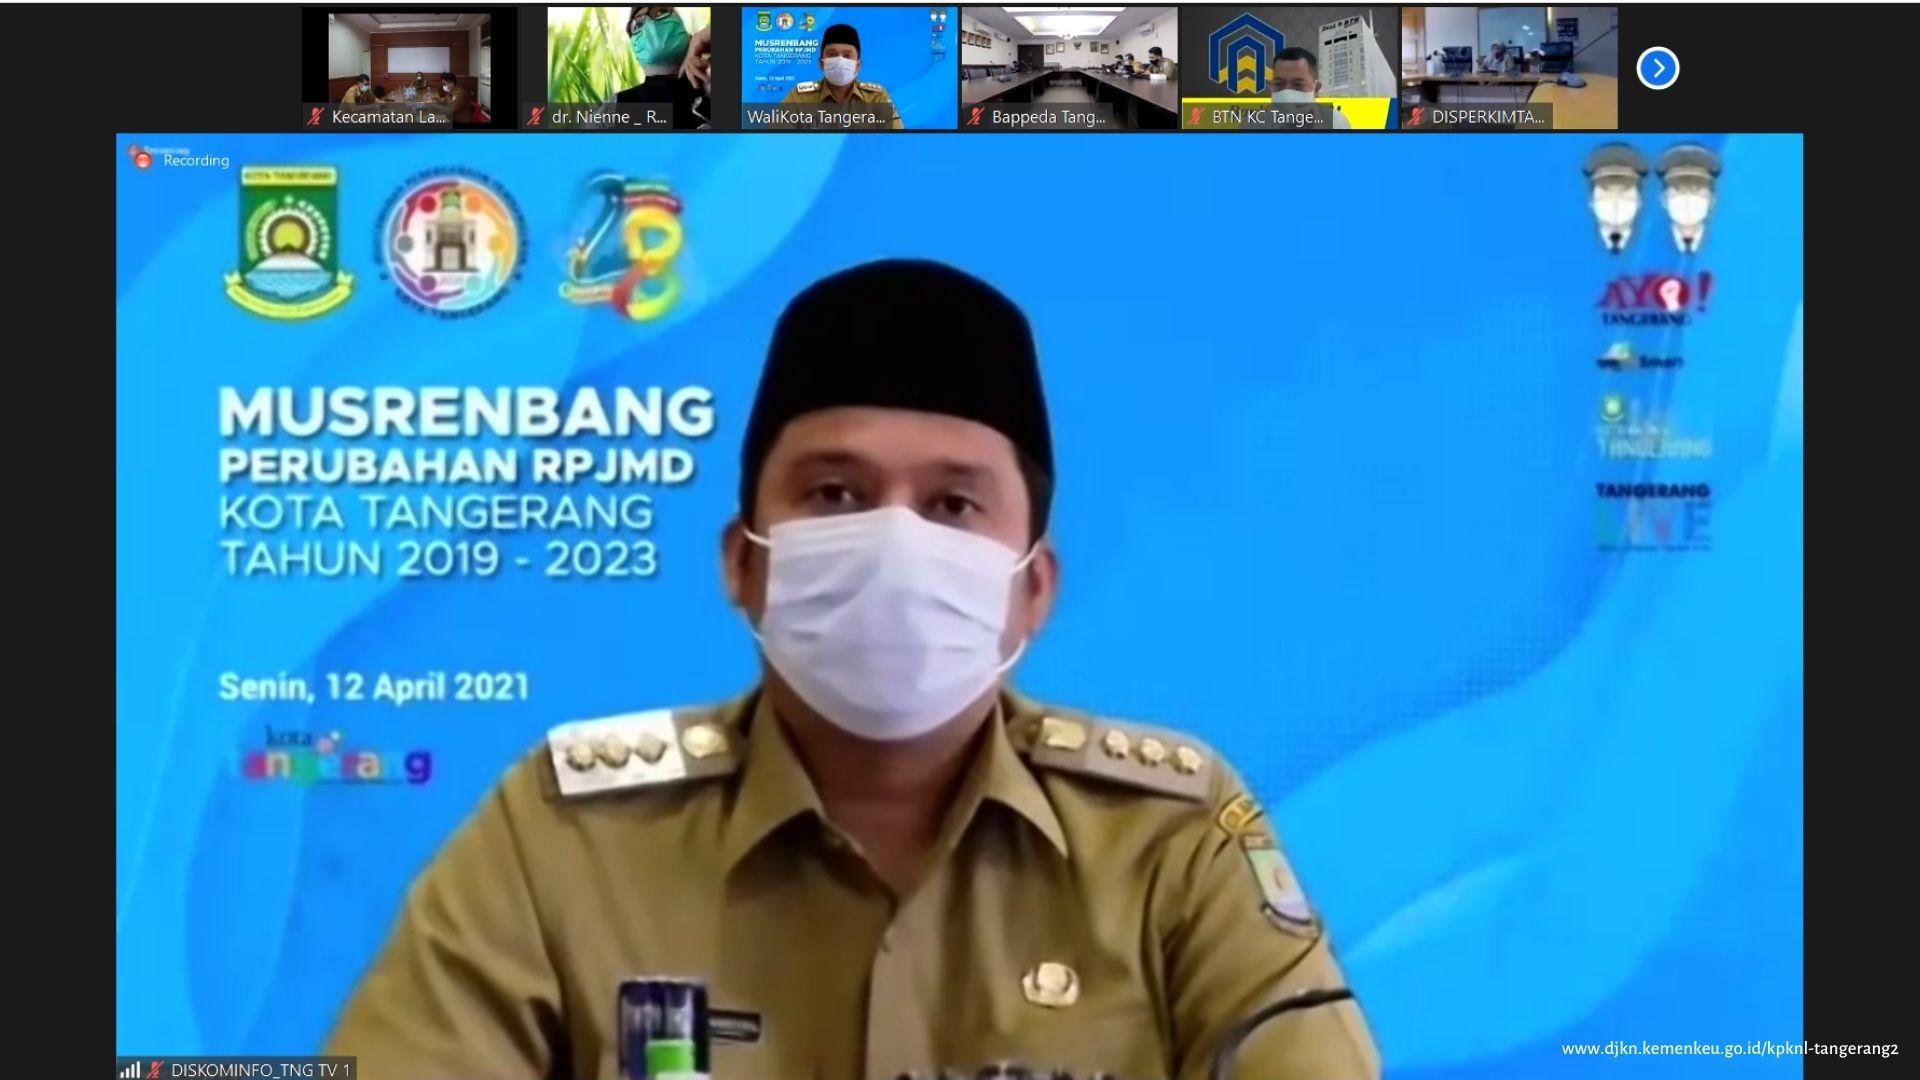 KPKNL Tangerang II bersama Pemerintah Kota Tangerang dalam Musrenbang Perubahan RPJMD Kota Tangerang